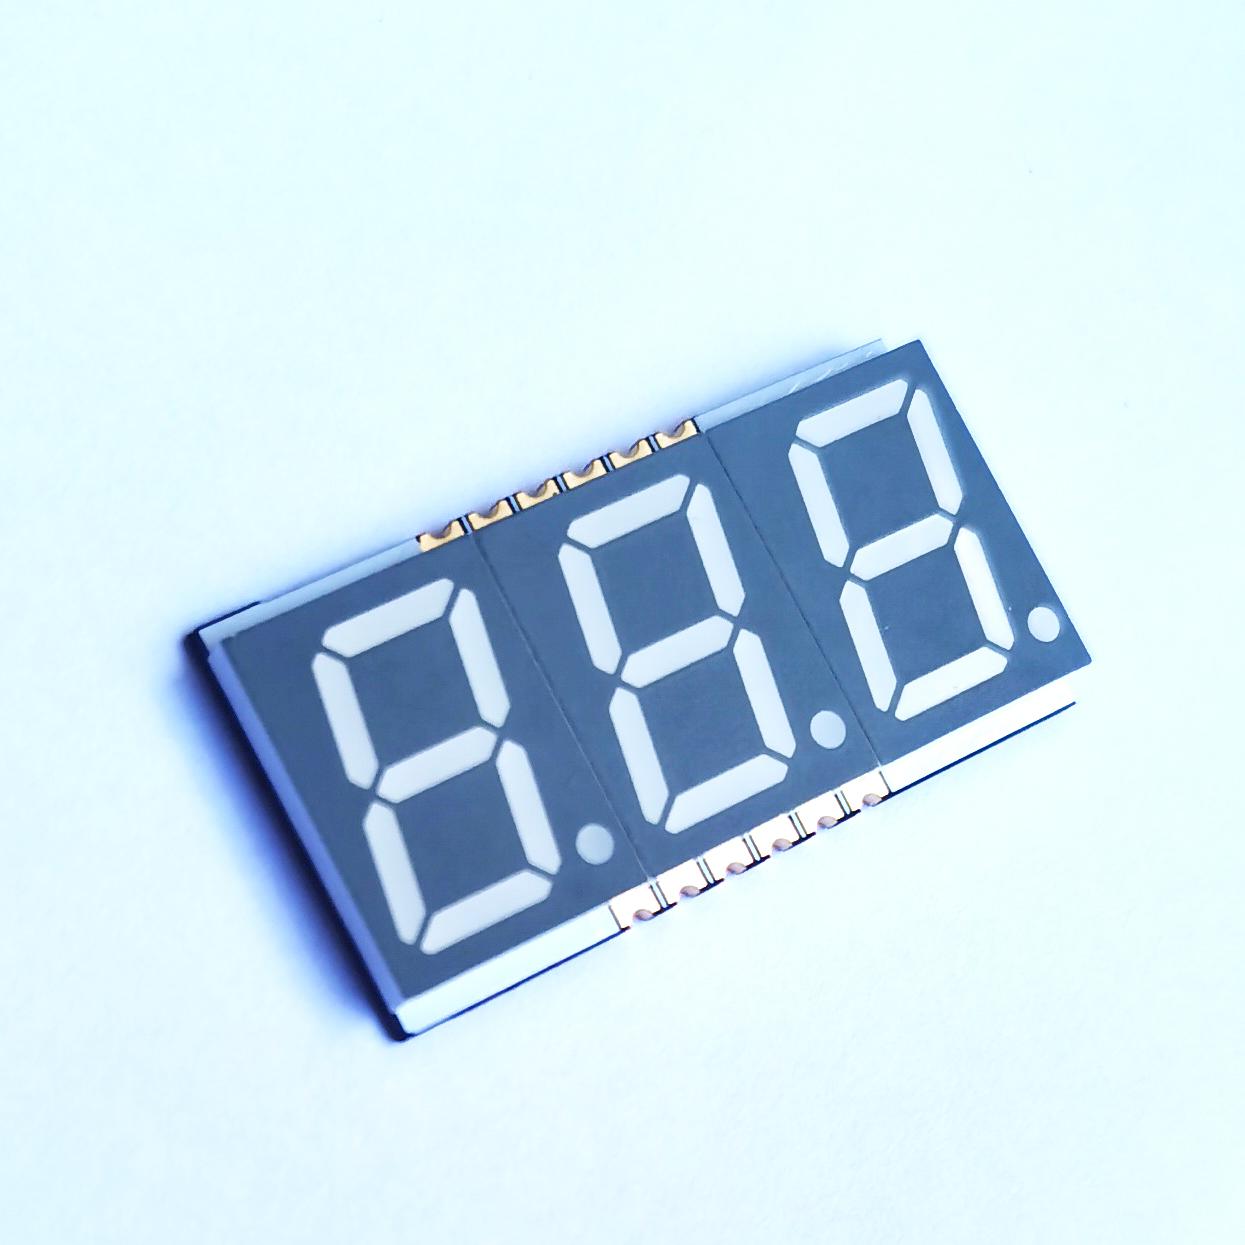 Koop Nieuwe producten SMD drievoudig 0,56 inch 3-cijferig 7-segment SMD LED-display. Nieuwe producten SMD drievoudig 0,56 inch 3-cijferig 7-segment SMD LED-display Prijzen. Nieuwe producten SMD drievoudig 0,56 inch 3-cijferig 7-segment SMD LED-display Brands. Nieuwe producten SMD drievoudig 0,56 inch 3-cijferig 7-segment SMD LED-display Fabrikant. Nieuwe producten SMD drievoudig 0,56 inch 3-cijferig 7-segment SMD LED-display Quotes. Nieuwe producten SMD drievoudig 0,56 inch 3-cijferig 7-segment SMD LED-display Company.